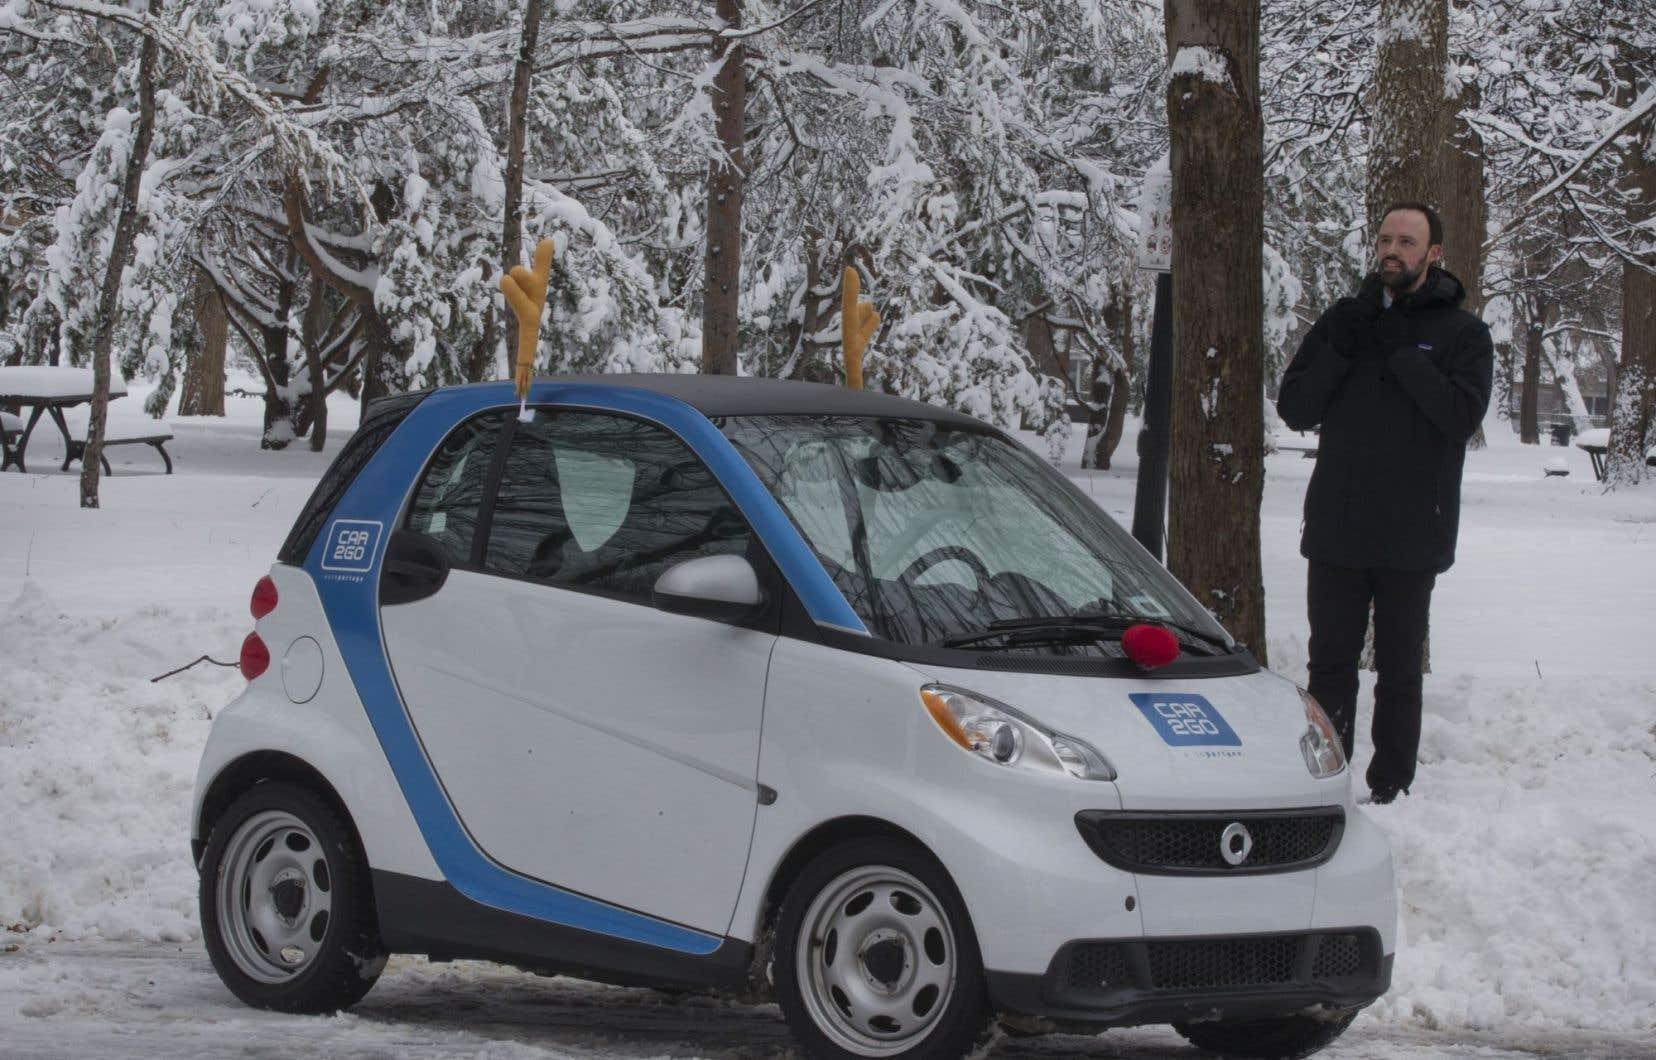 Jérémi Lavoie, directeur de Car2go Montréal, un opérateur de voitures en libre-service qui, un an après son implantation dans la métropole, compte déjà plus de 24000 abonnés.